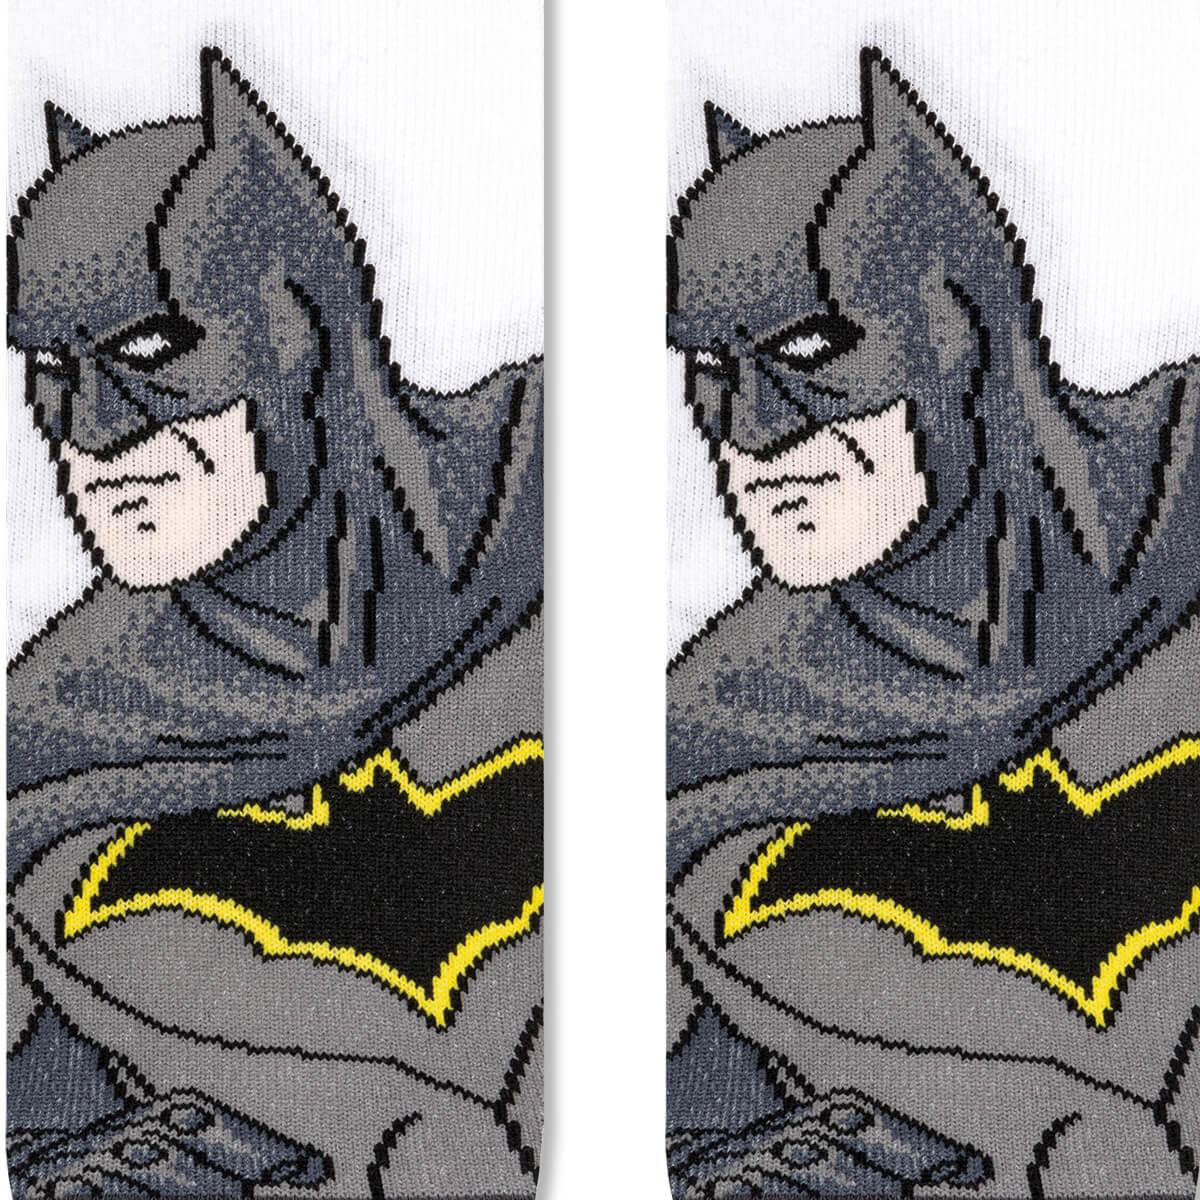 Meia Infantil Menino 25 ao 28 Liga da Justiça Batman Rider